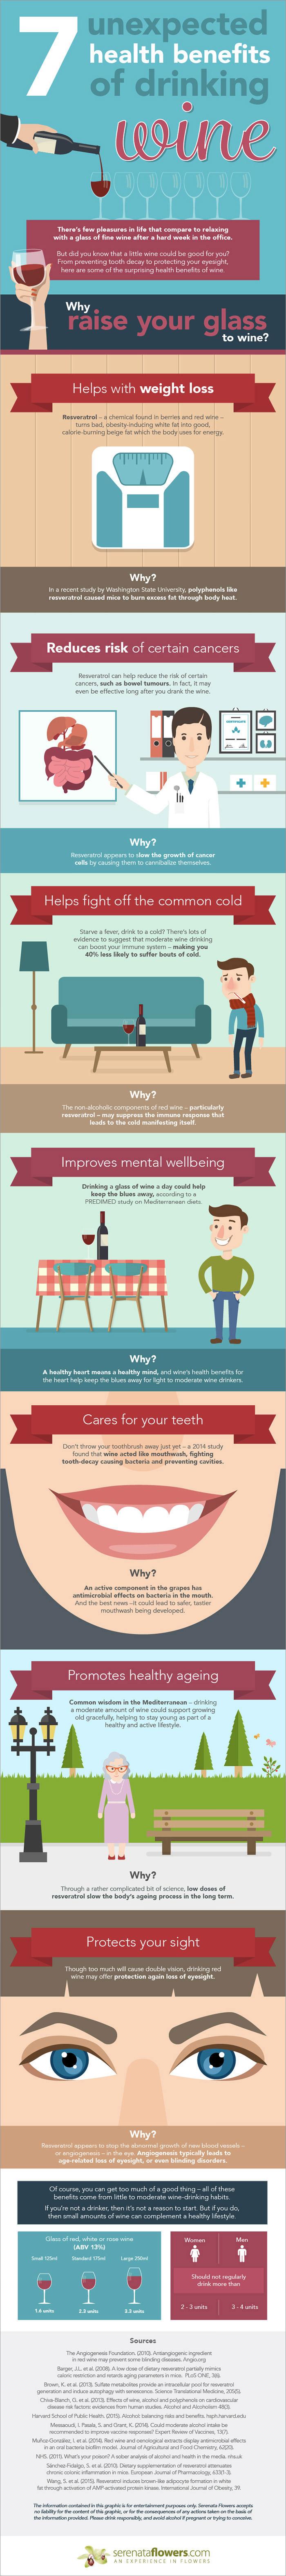 health-wine-benefits